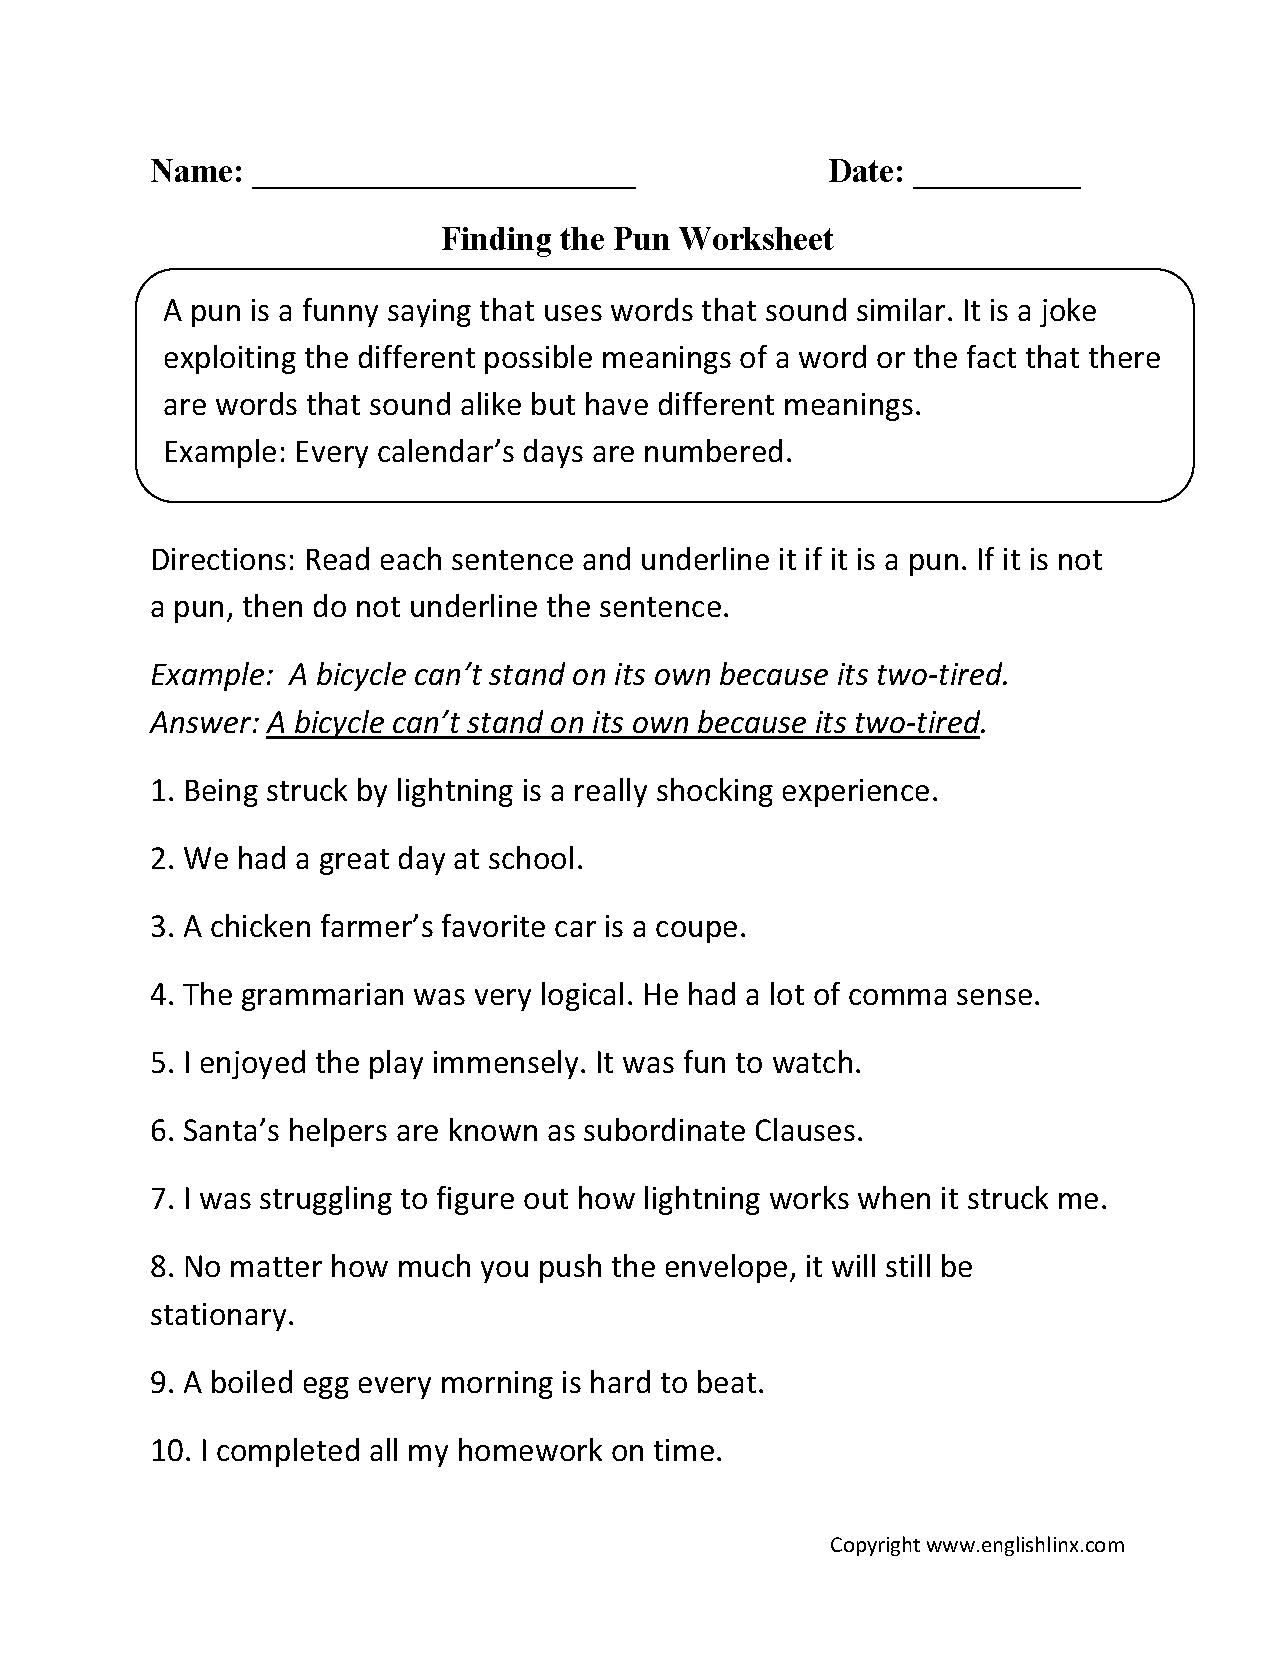 Finding The Pun Worksheet